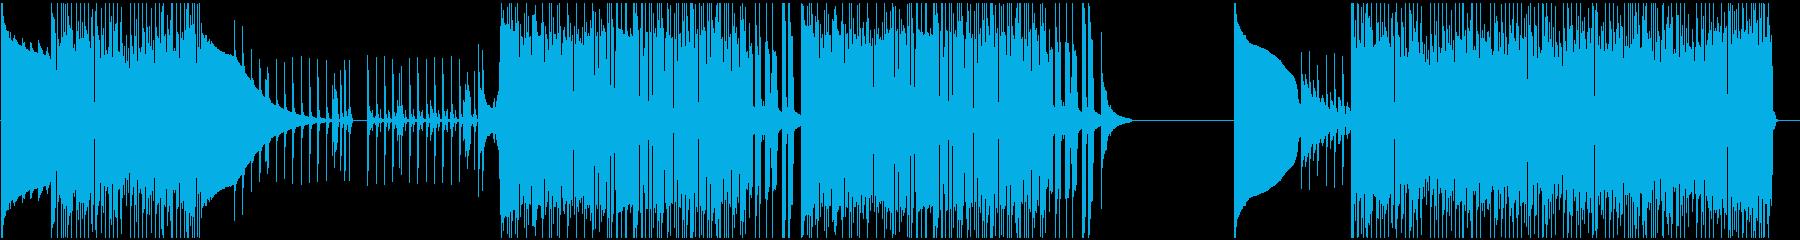 金属 ドラマチック 燃焼 ベース ...の再生済みの波形